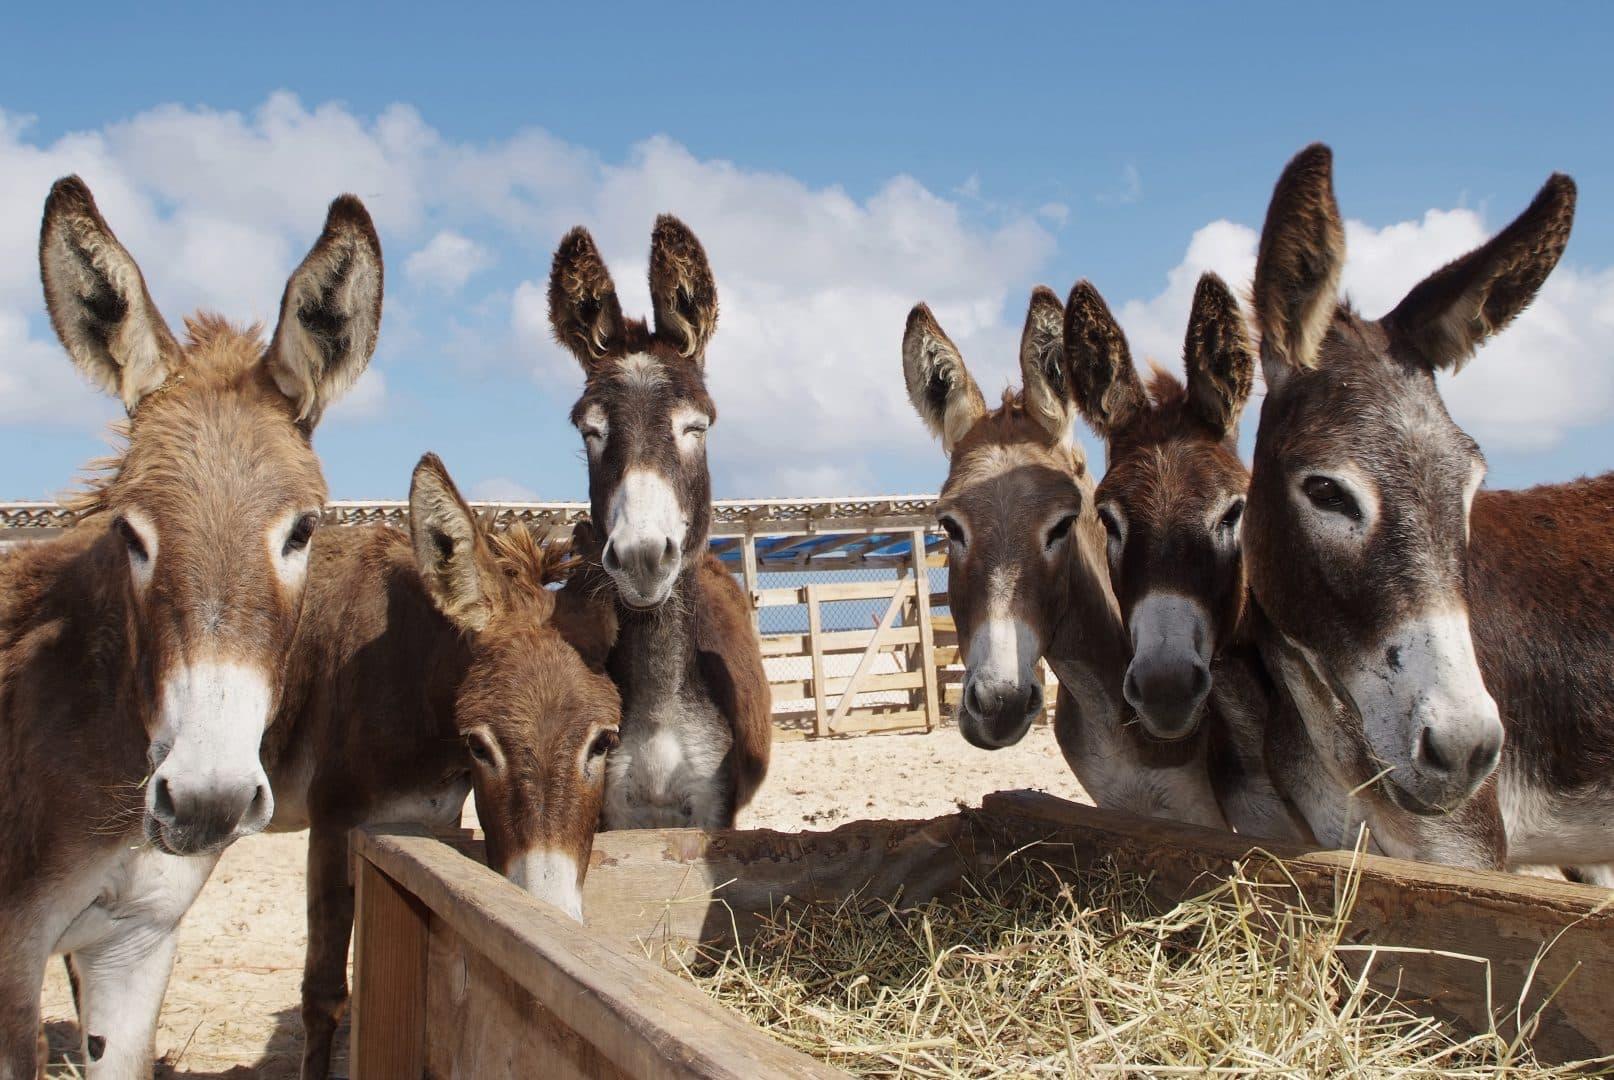 Jumento, jegue, burro, mula e bardoto - Qual a diferença entre eles?